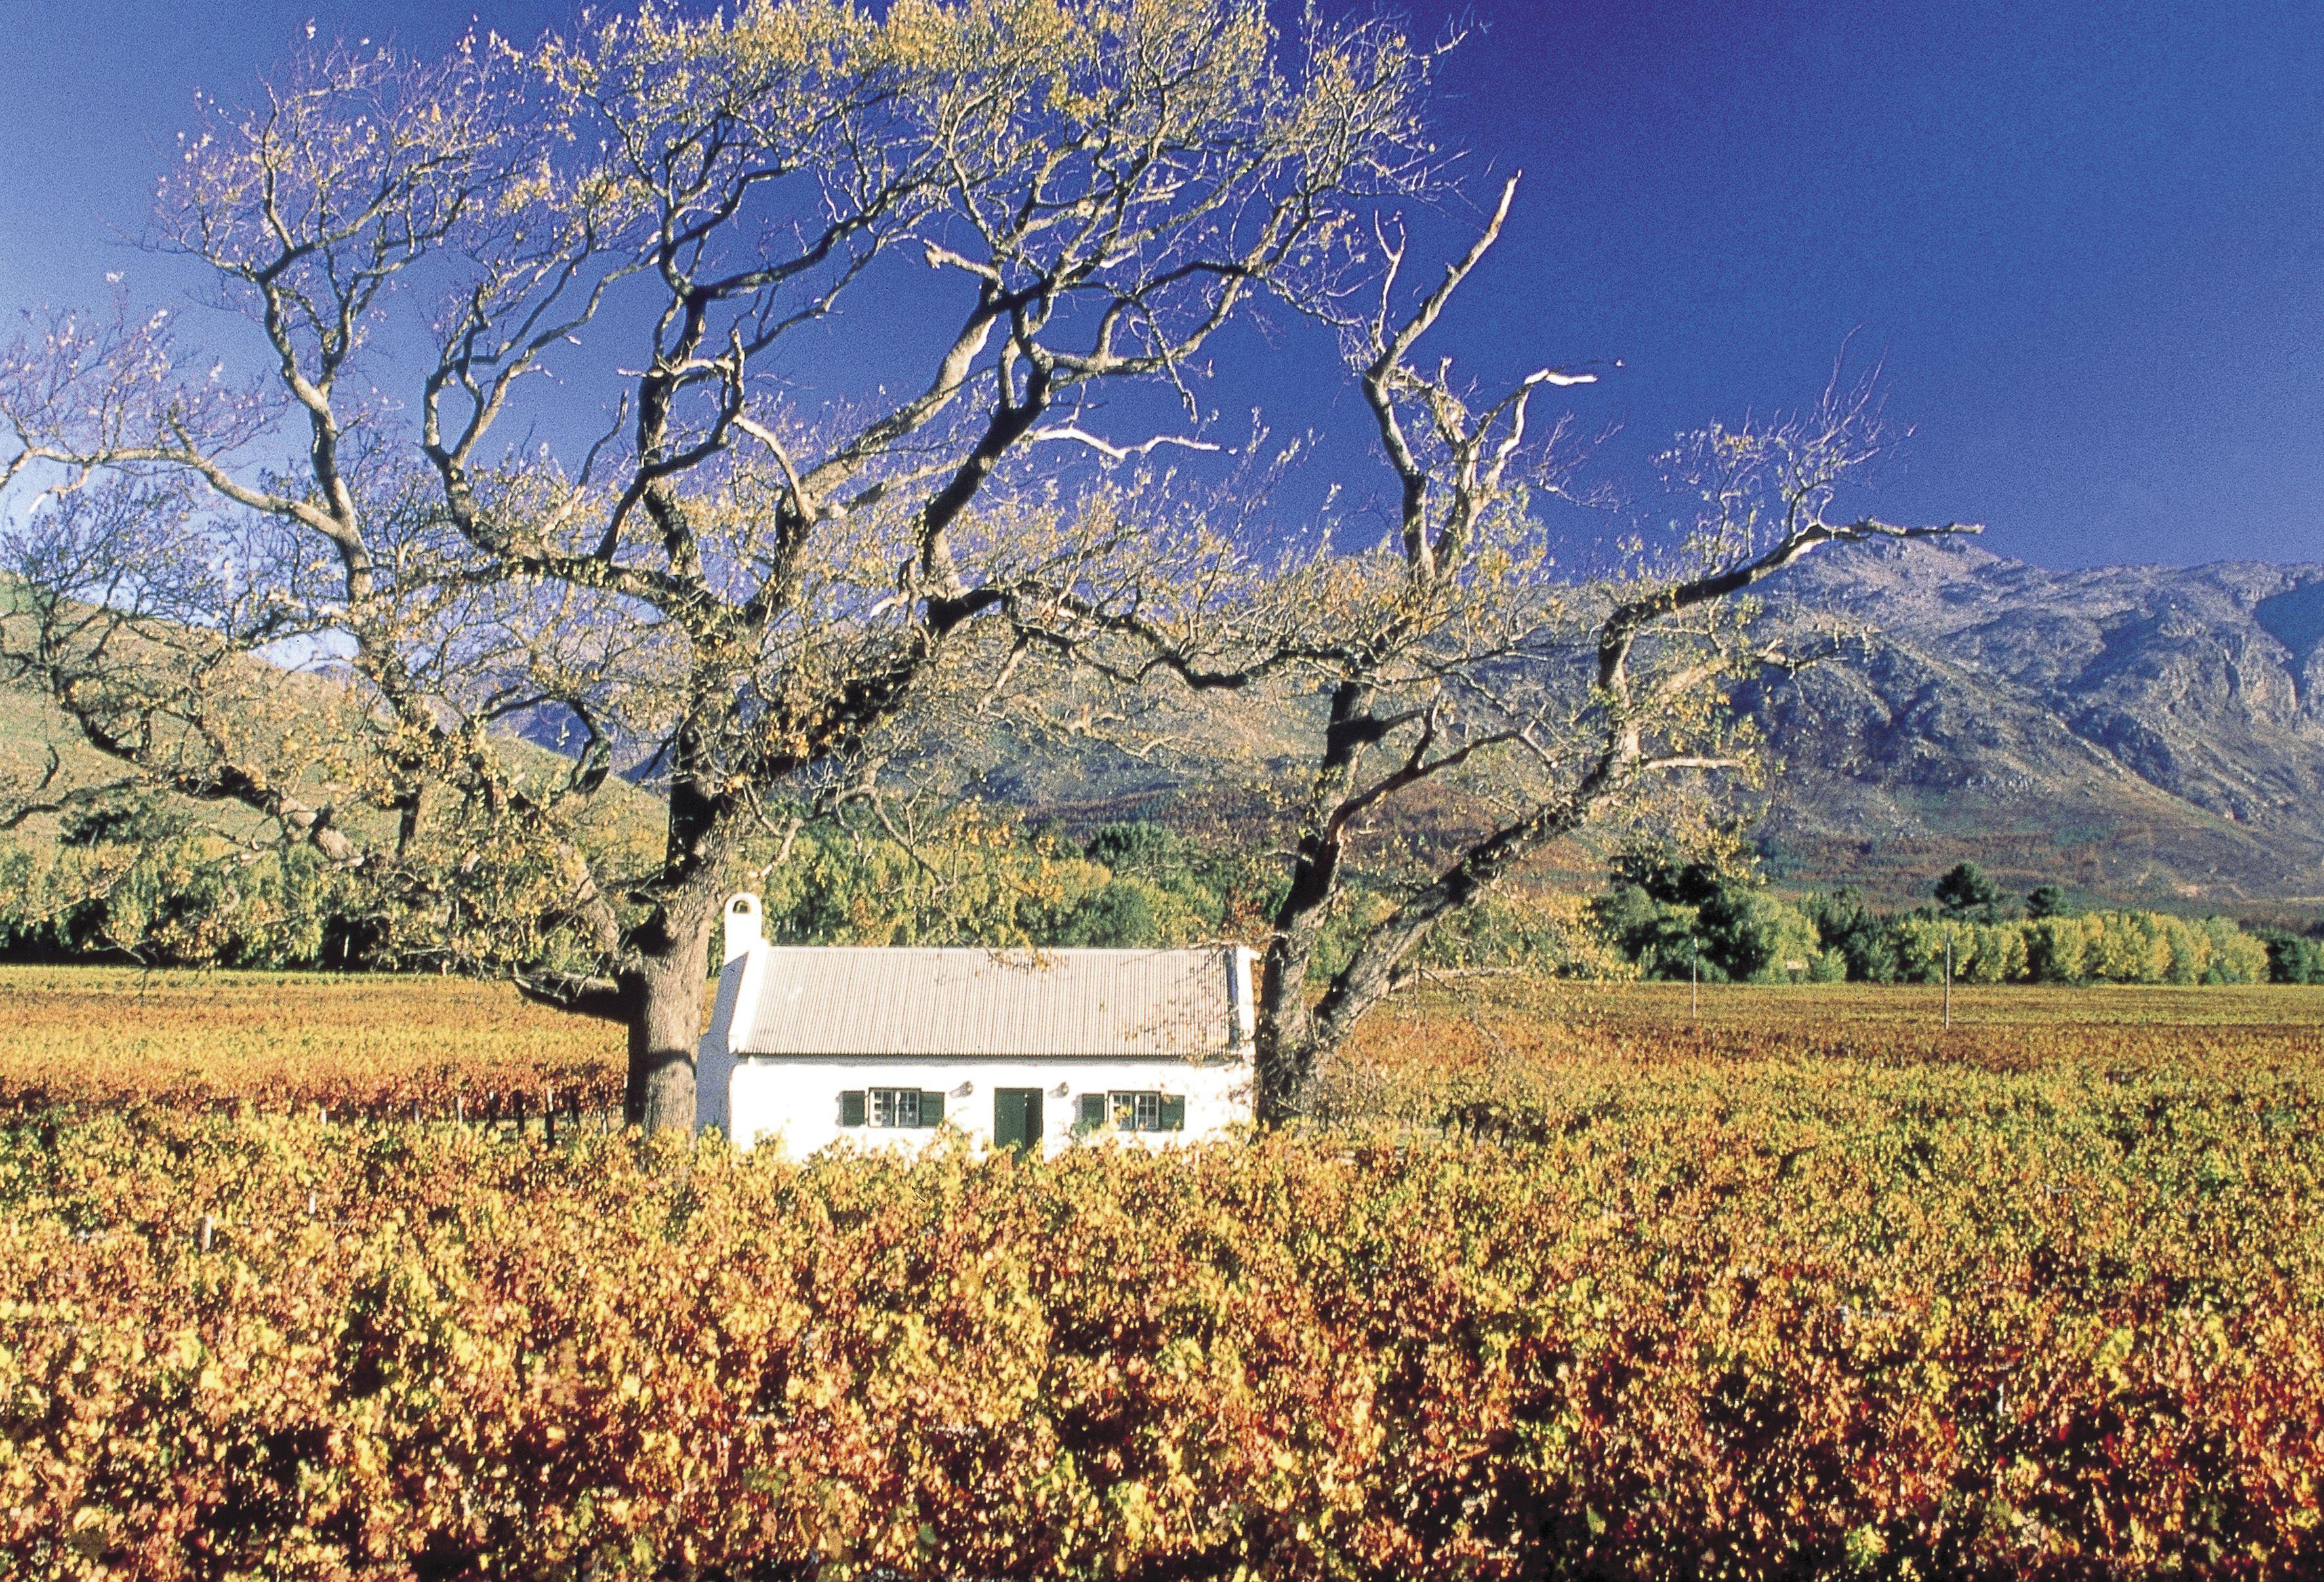 La Motte Veepos Lamotte Wine Food History Franschhoek Culture Art House Styles Franschhoek